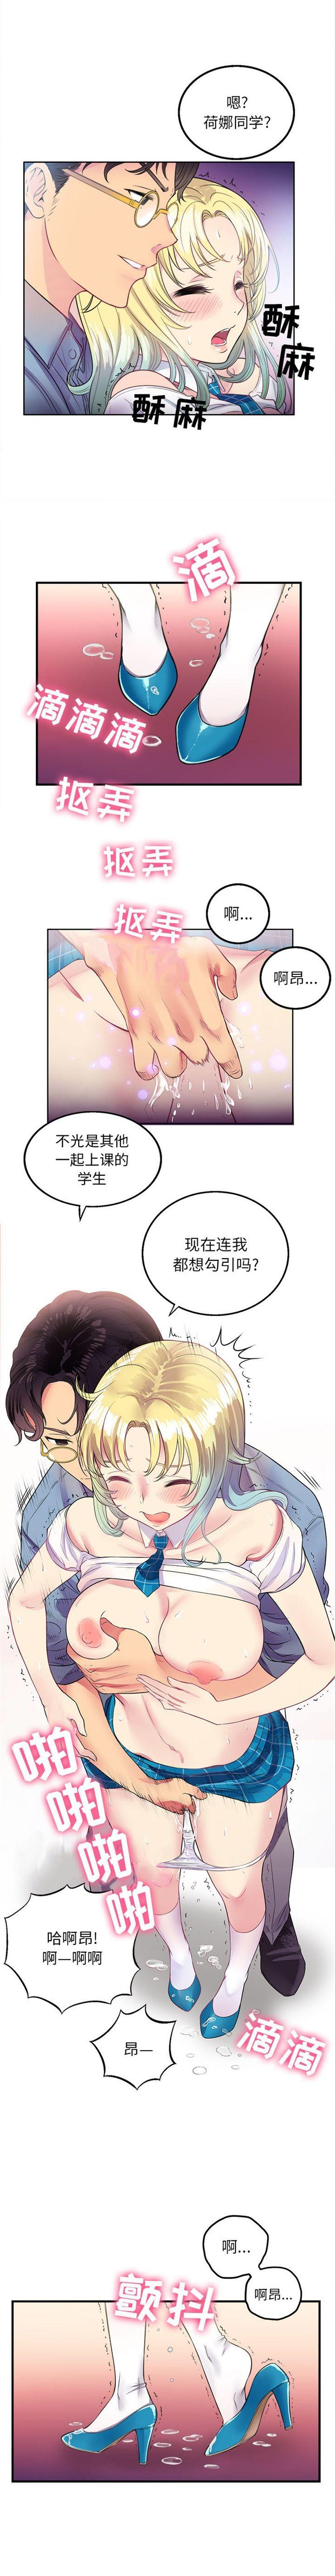 由莉的秘密1-60 中文翻译 (更新中) 16